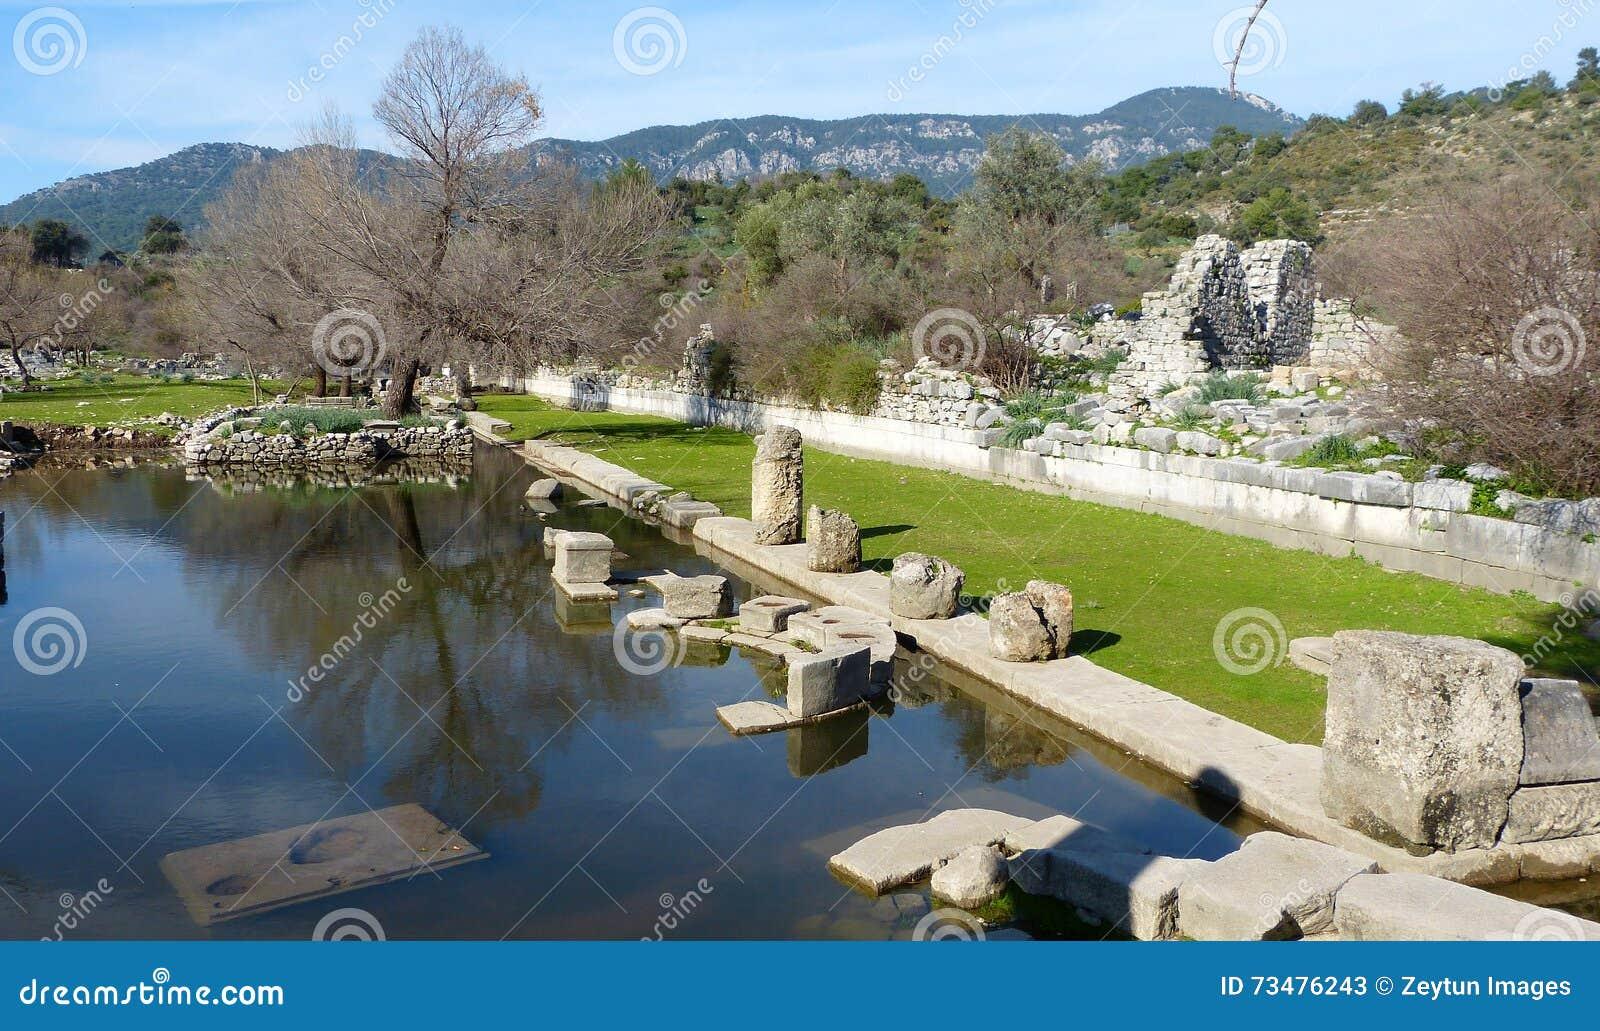 Kaunos喷泉